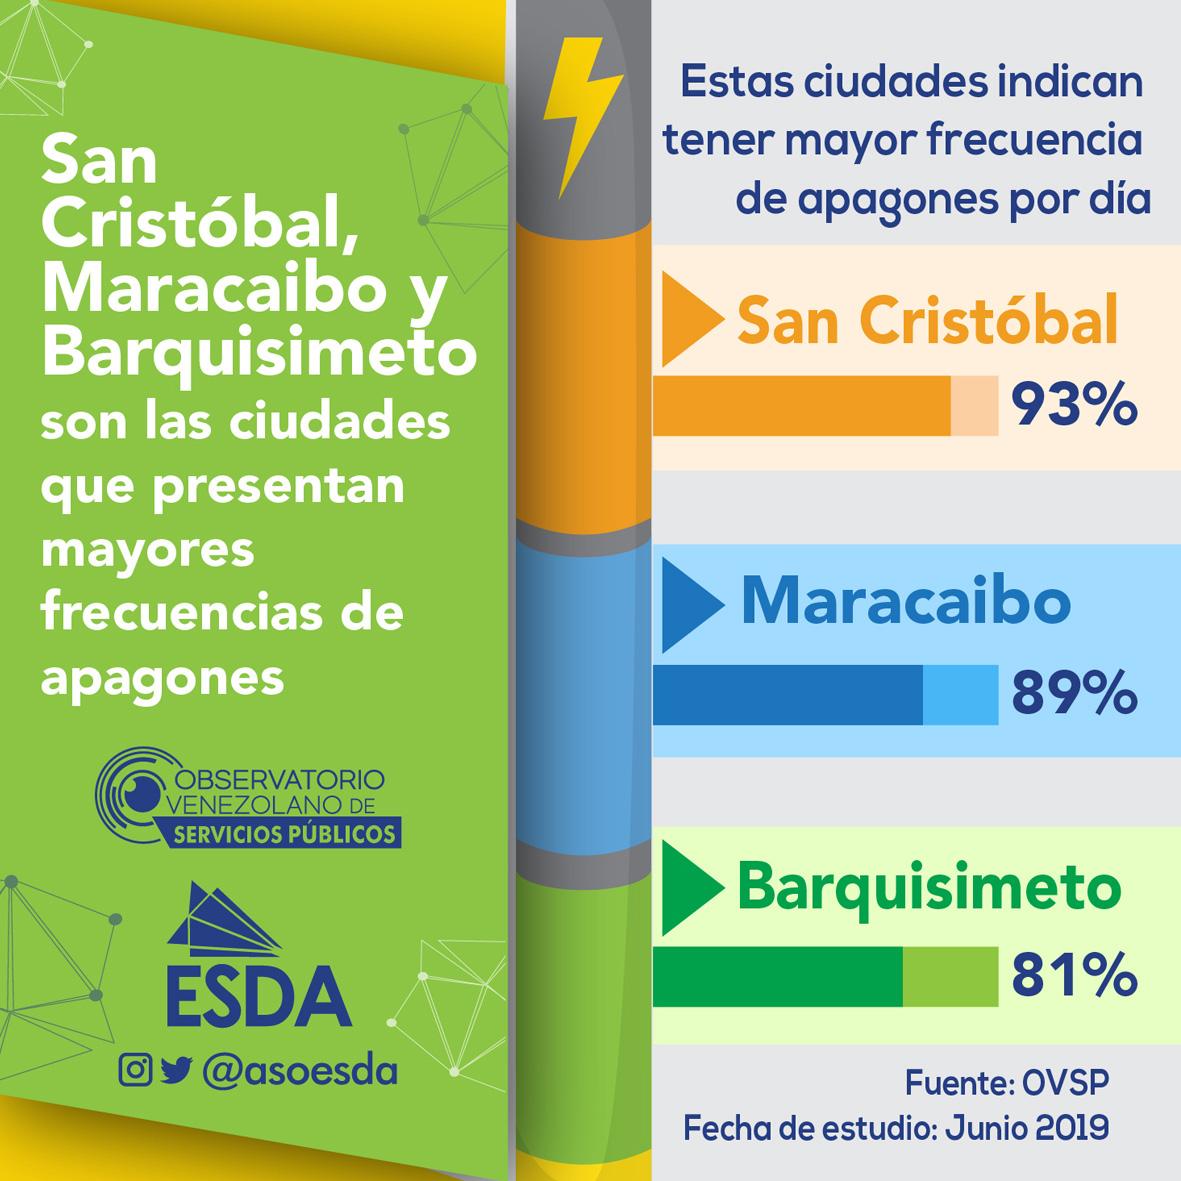 San Cristóbal, Maracaibo y Barquisimeto son las ciudades que presentan mayores frecuencias de apagones